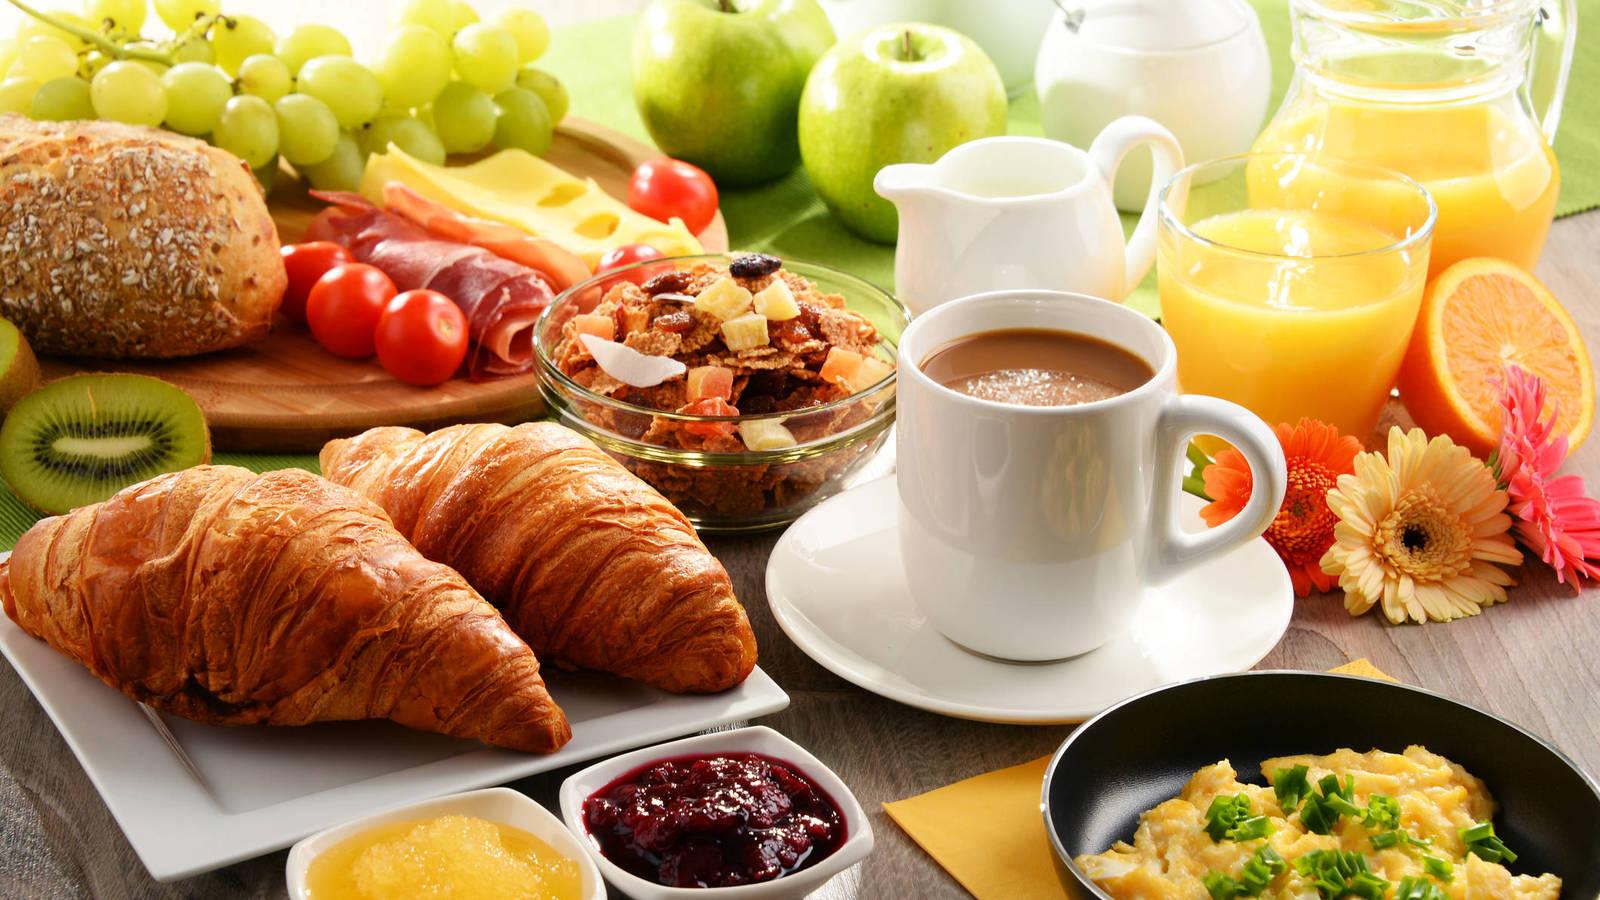 Un equipo de investigadores analizó el efecto de desayunar regularmente sobre el cambio de peso.